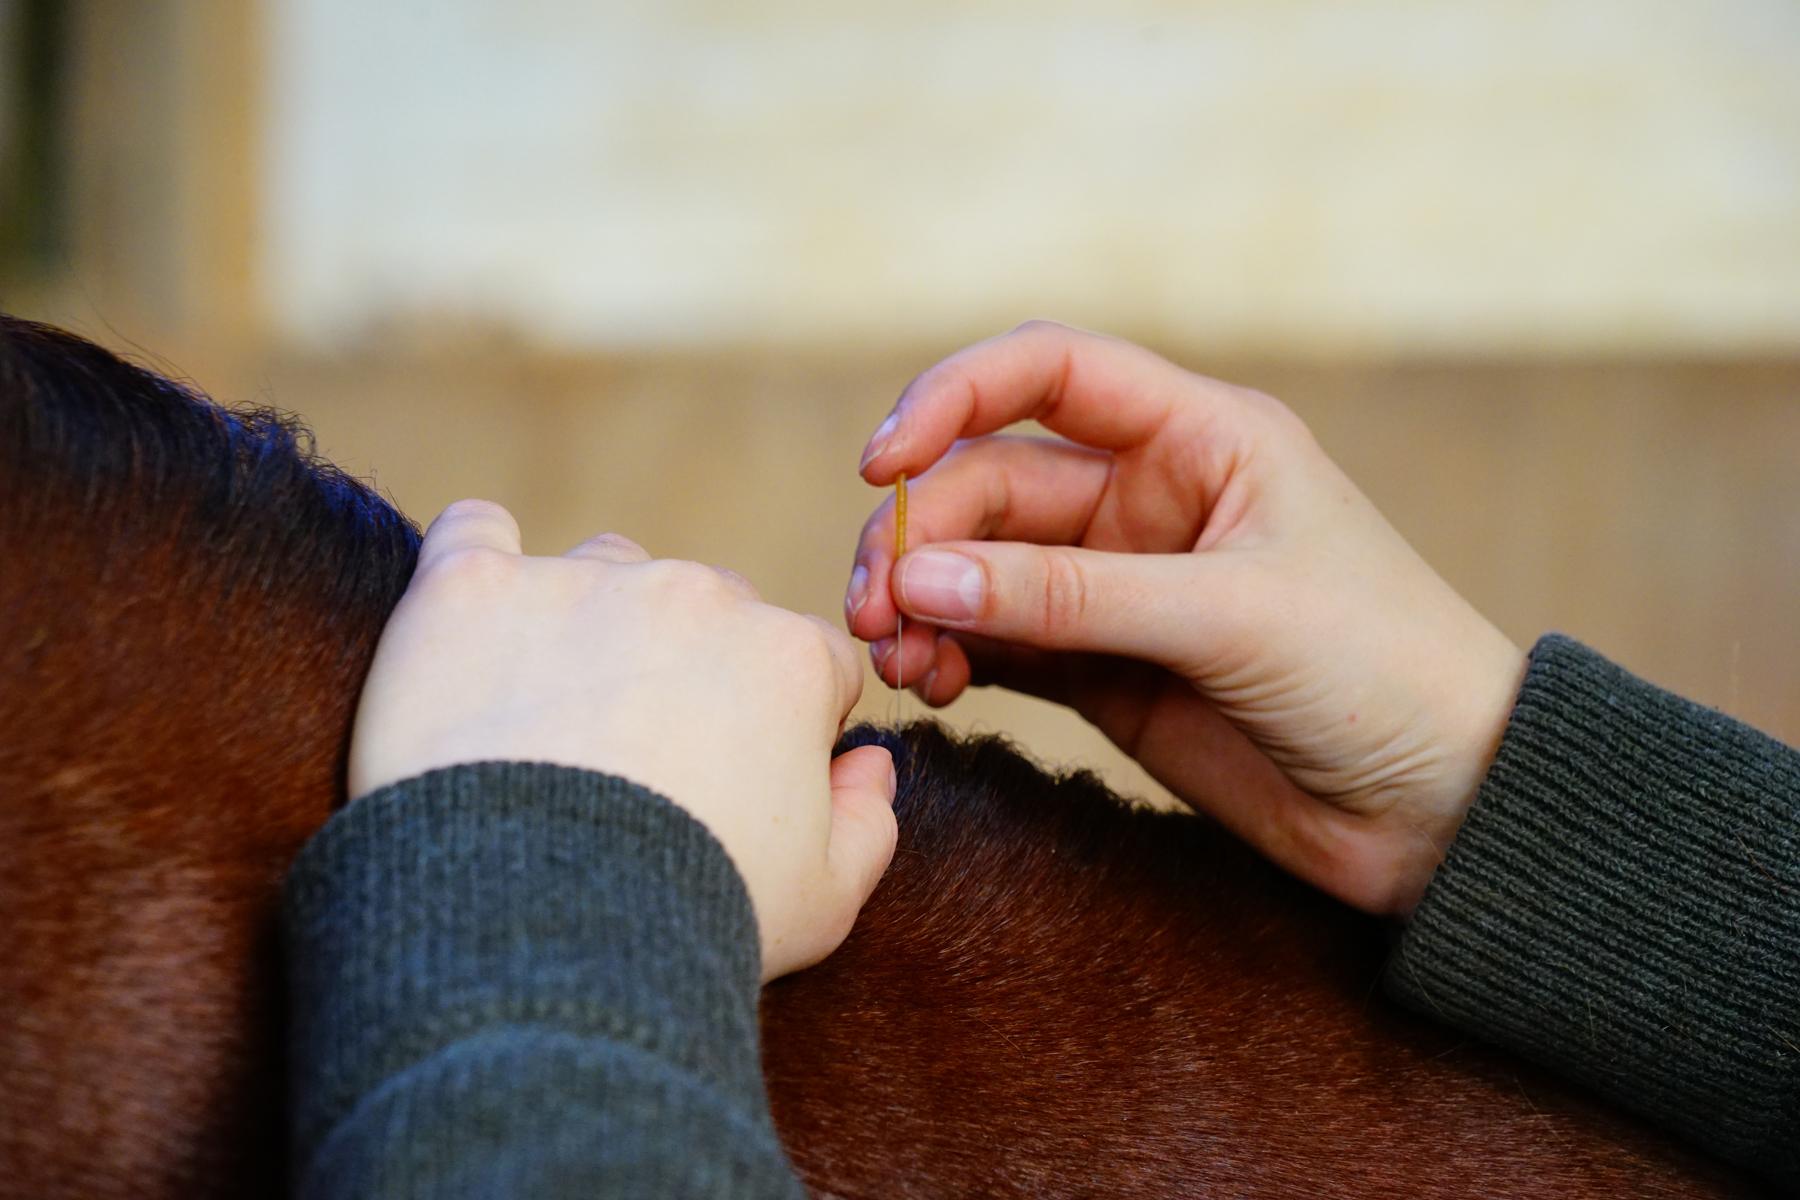 676_Johanna Loehden_Akupunktur Pferde